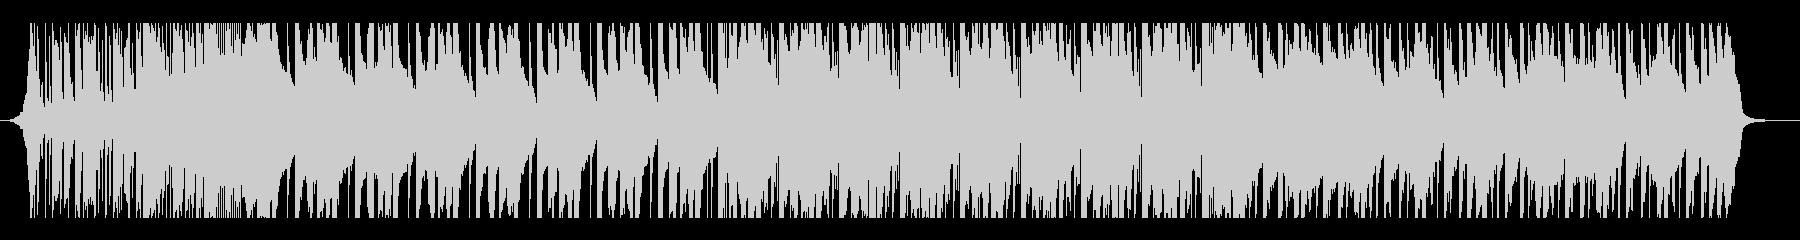 ハードアクションスポーツトラップ 90秒の未再生の波形